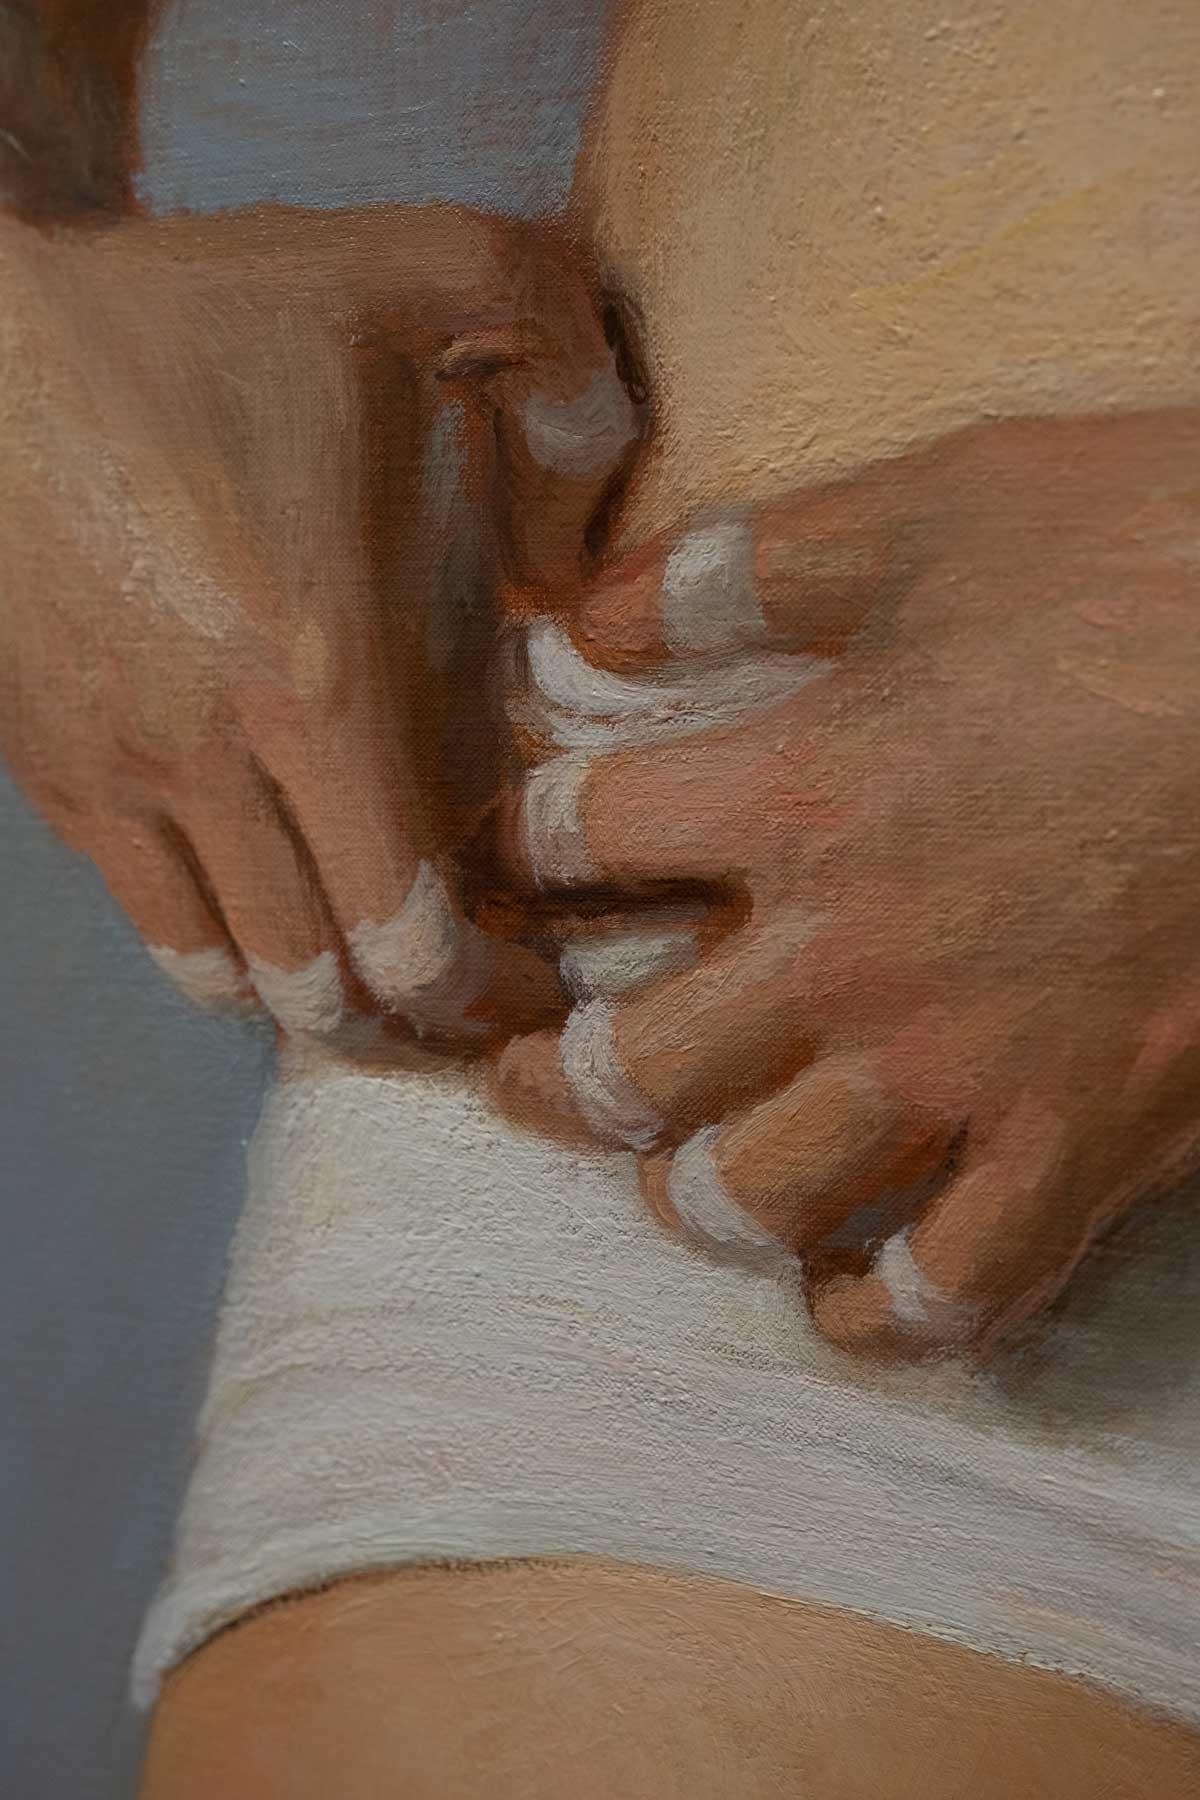 """Jansson Stegner ,  Untitled (White Shorts) , 2018, Huile sur toile, 48"""" x 24"""" (121,9 x 61 cm) (Détail)"""